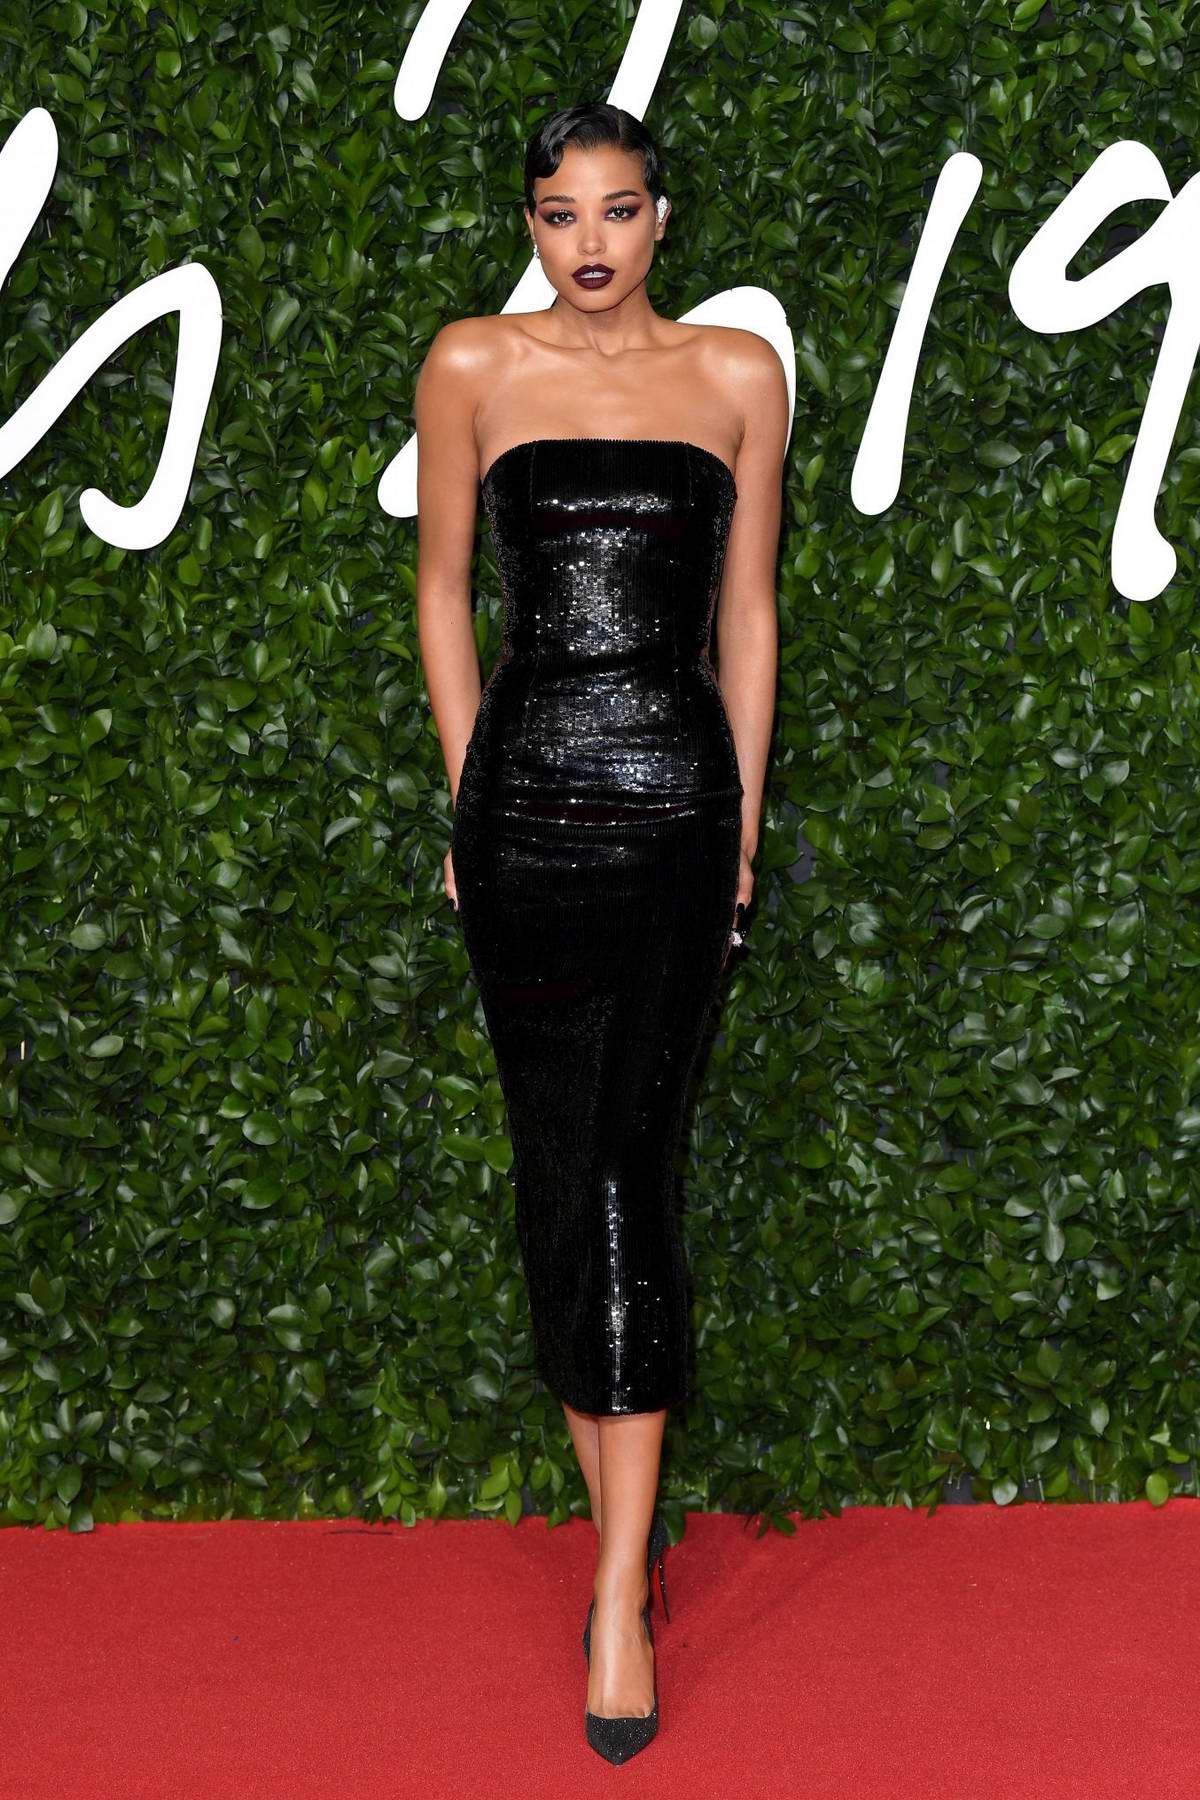 Ella Balinska attends The Fashion Awards 2019 held at Royal Albert Hall in London, UK